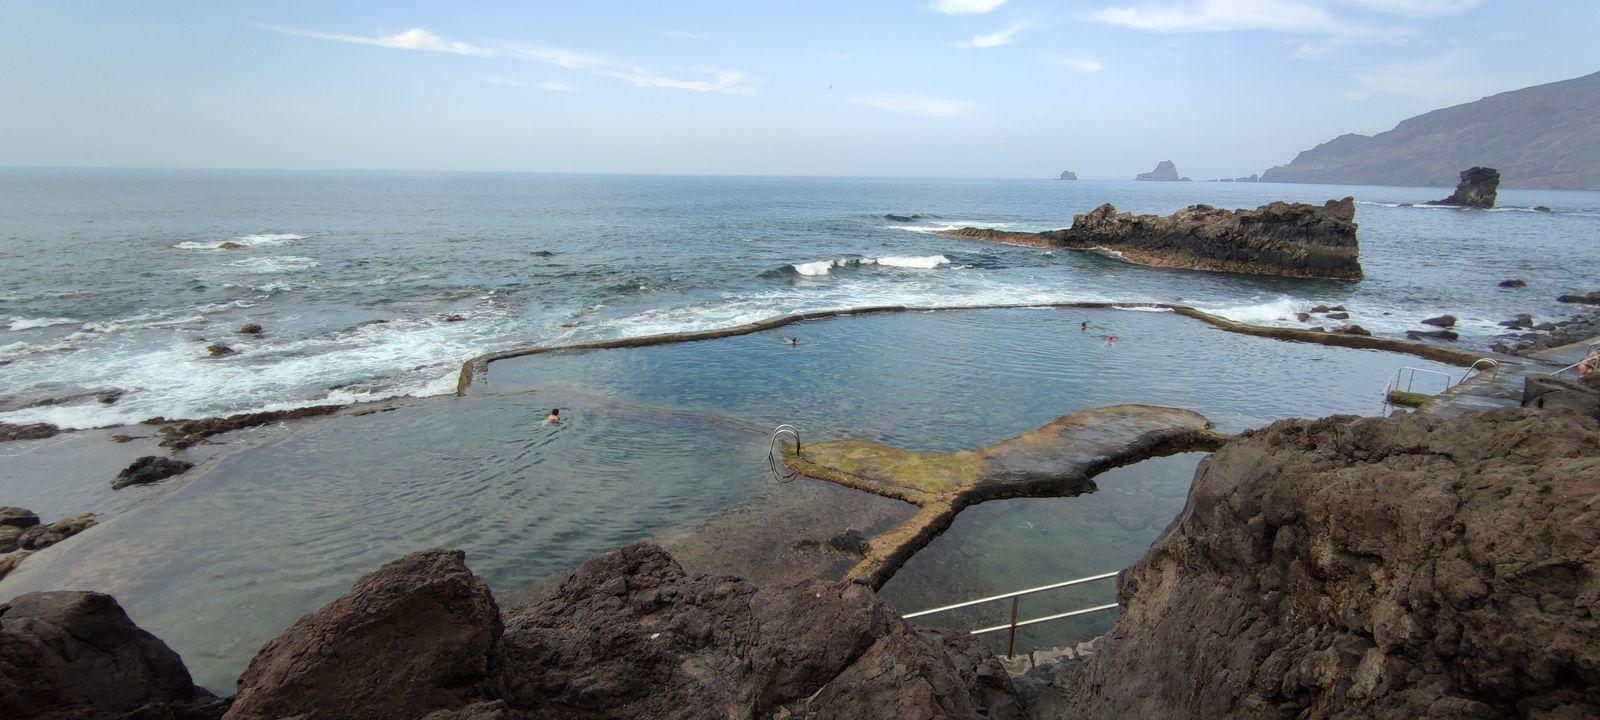 Canaries 2021 : El Hierro , où se baigner ?